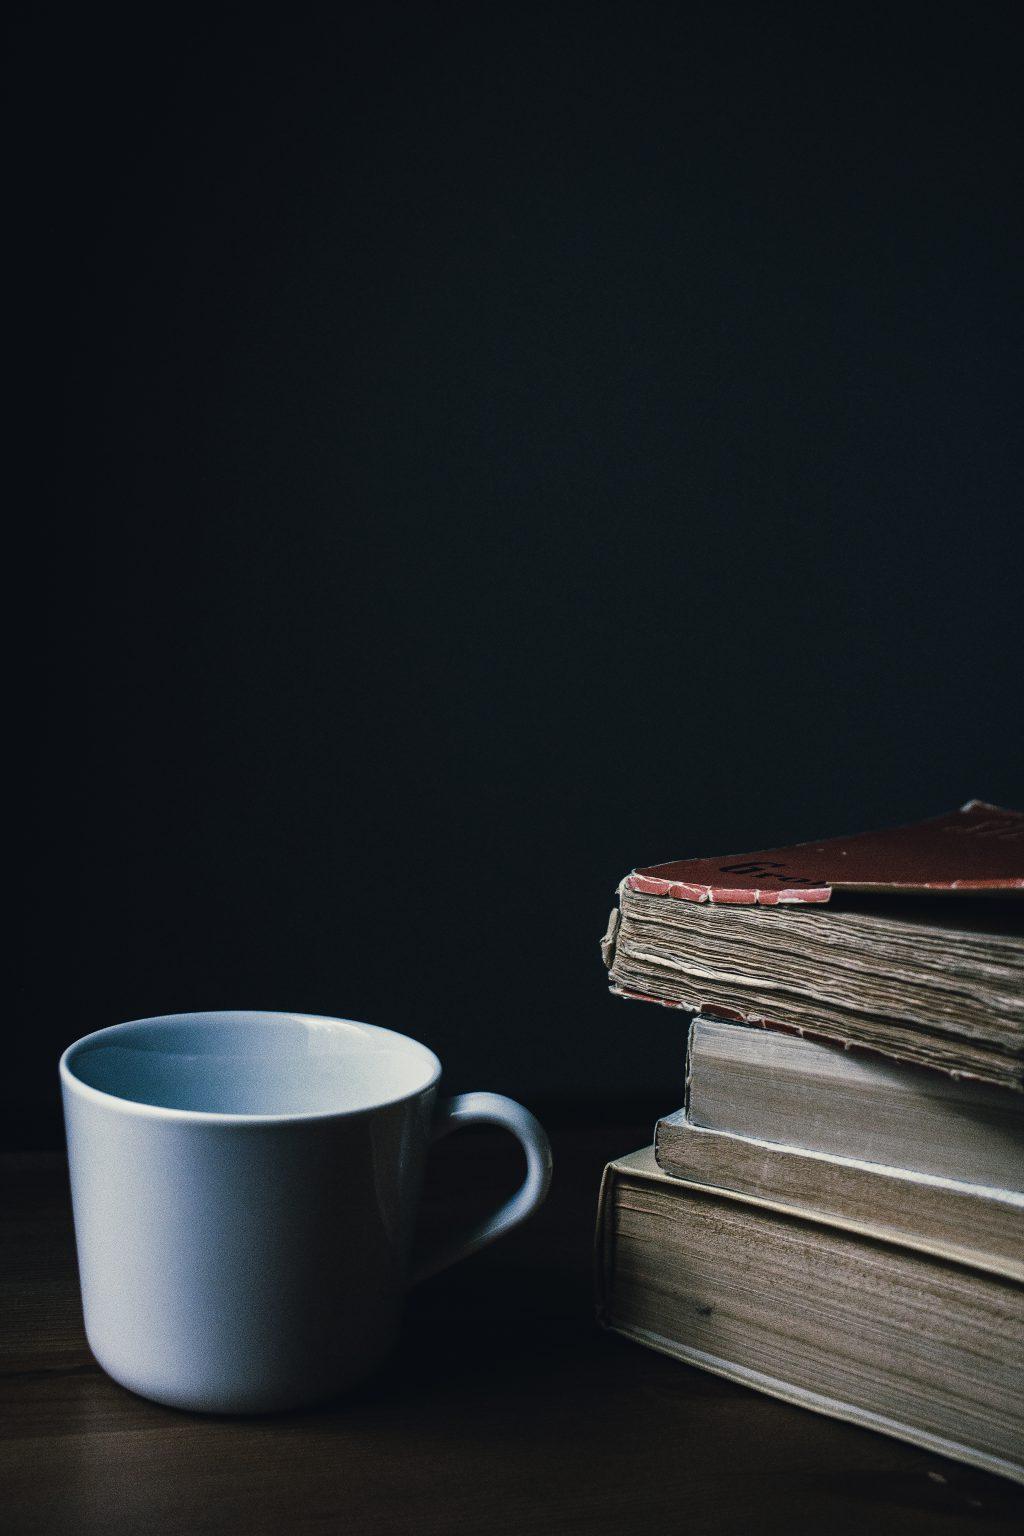 Tea mug and a pile of books 2 - free stock photo